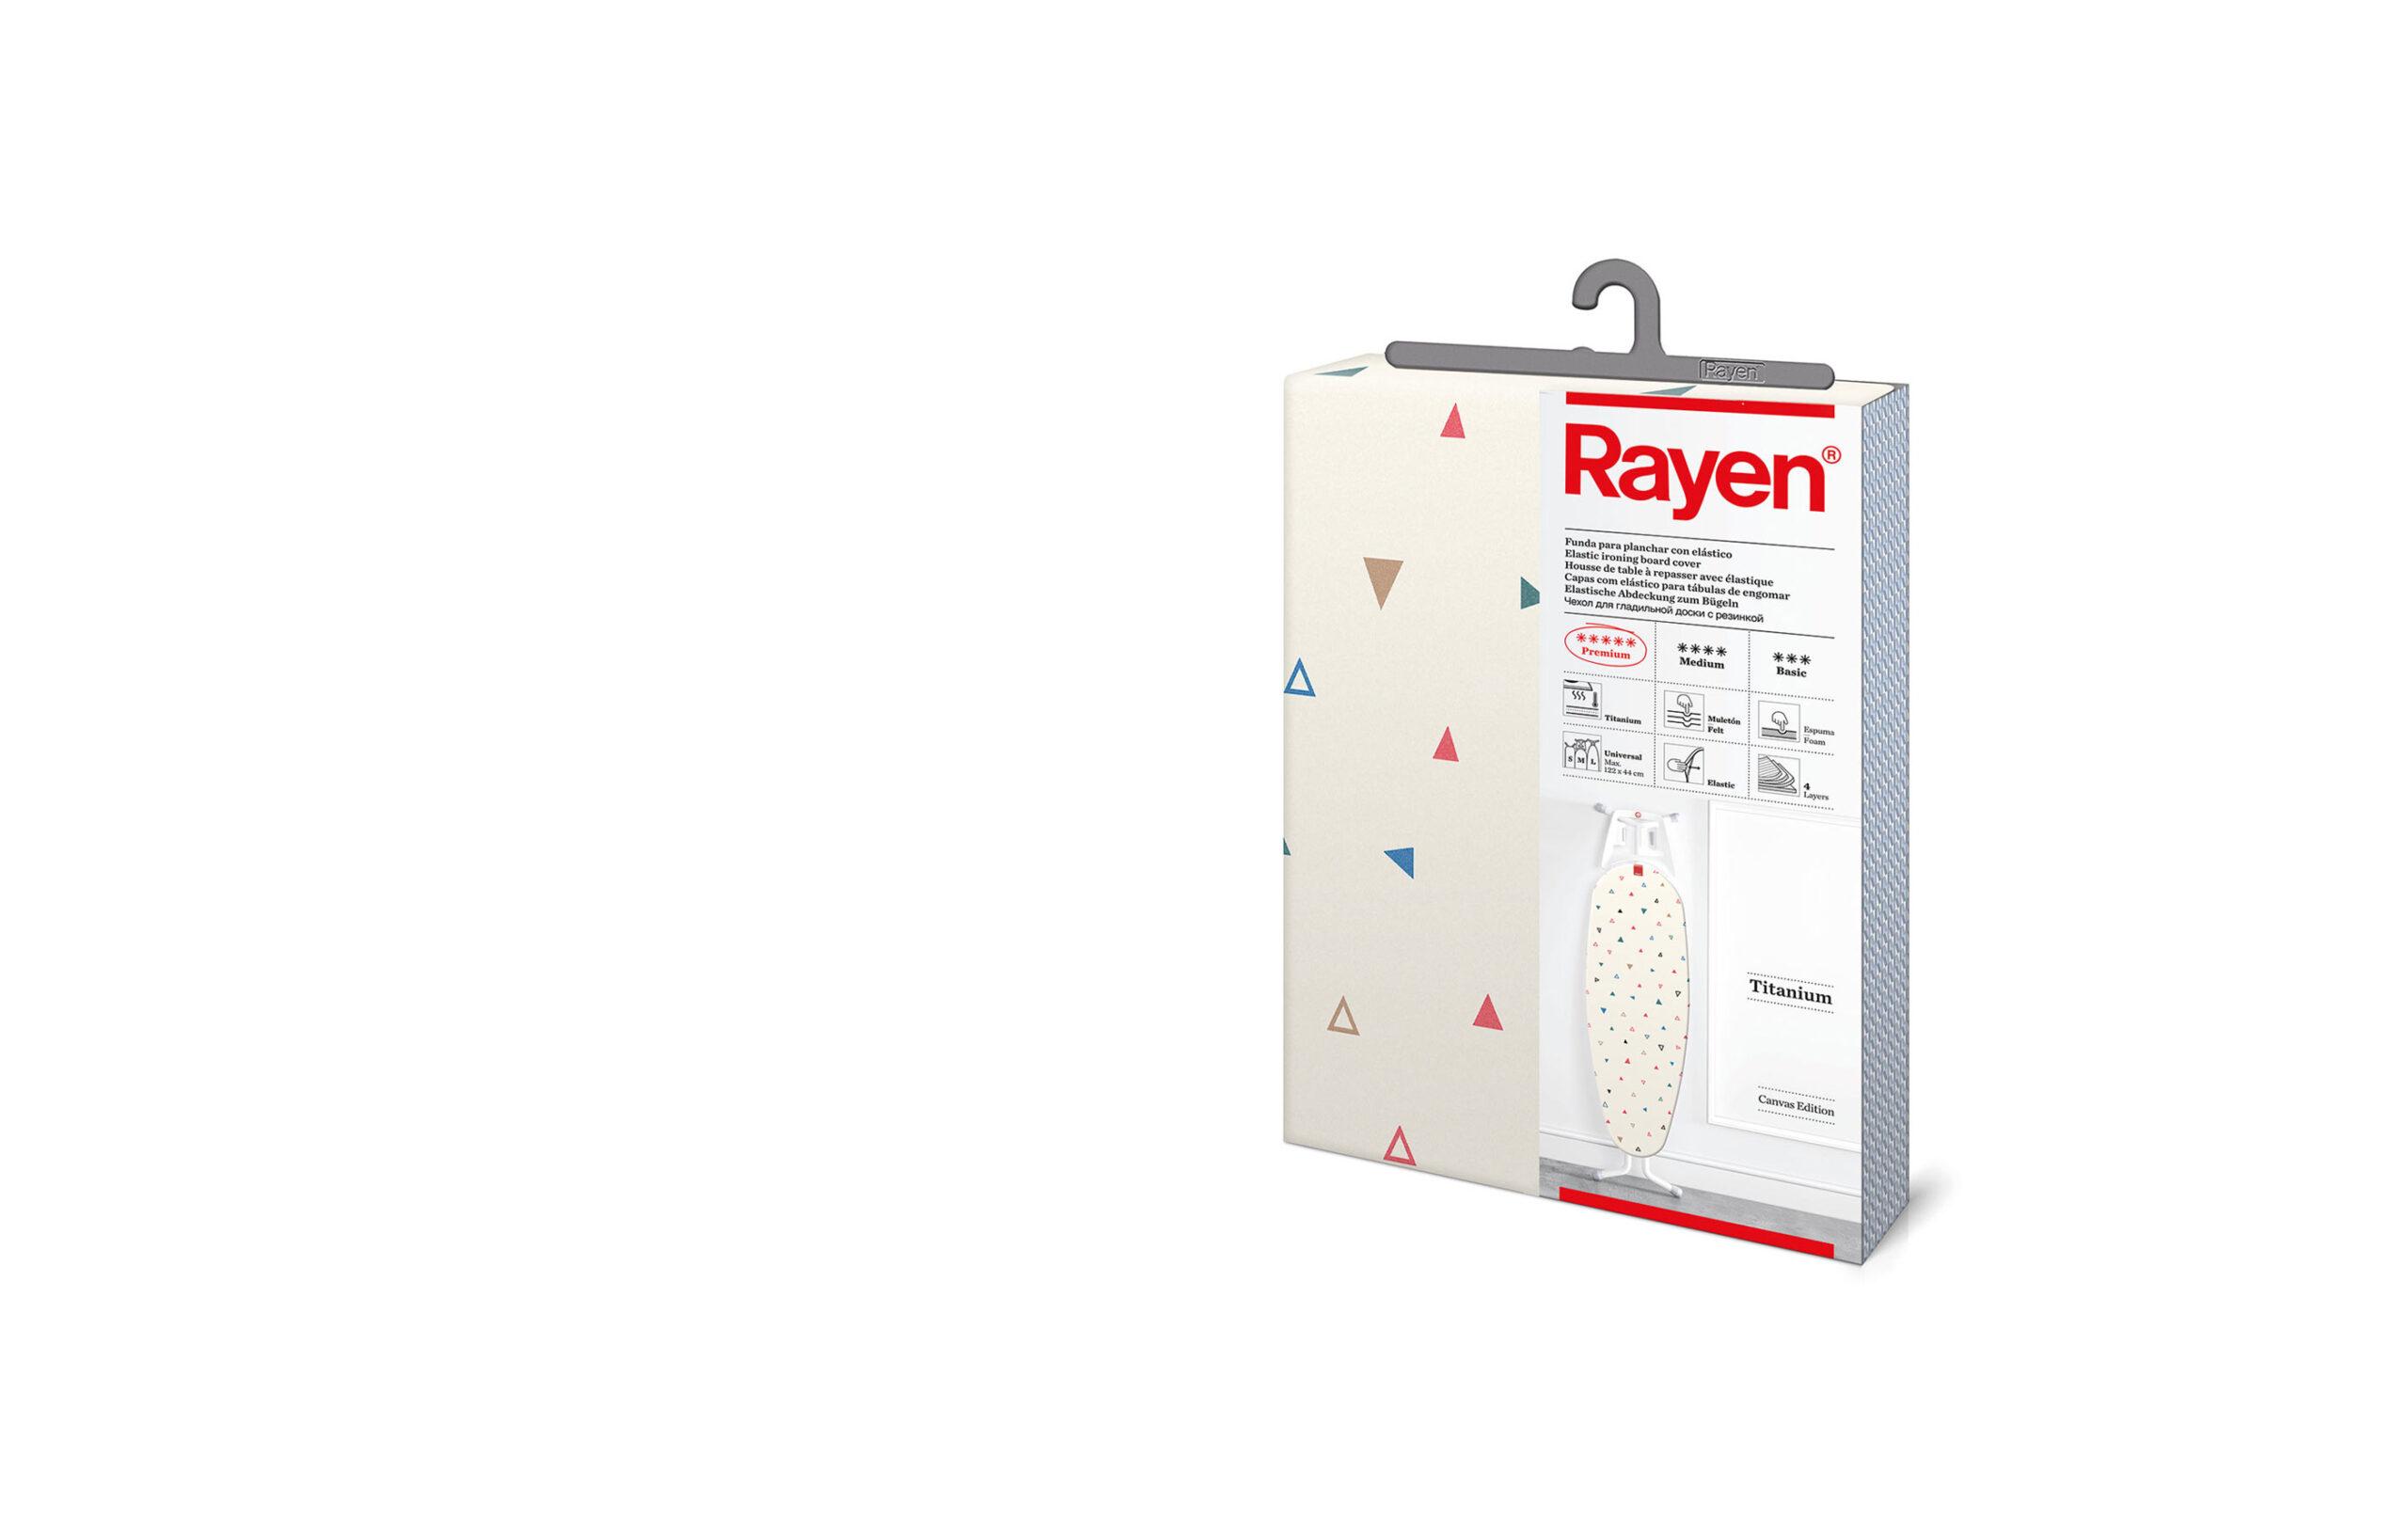 slider-fundas-plancha-1-scaled Rayen | Soluciones innovadoras para el hogar | Funda para tabla de planchar con elástico | Rayen.com